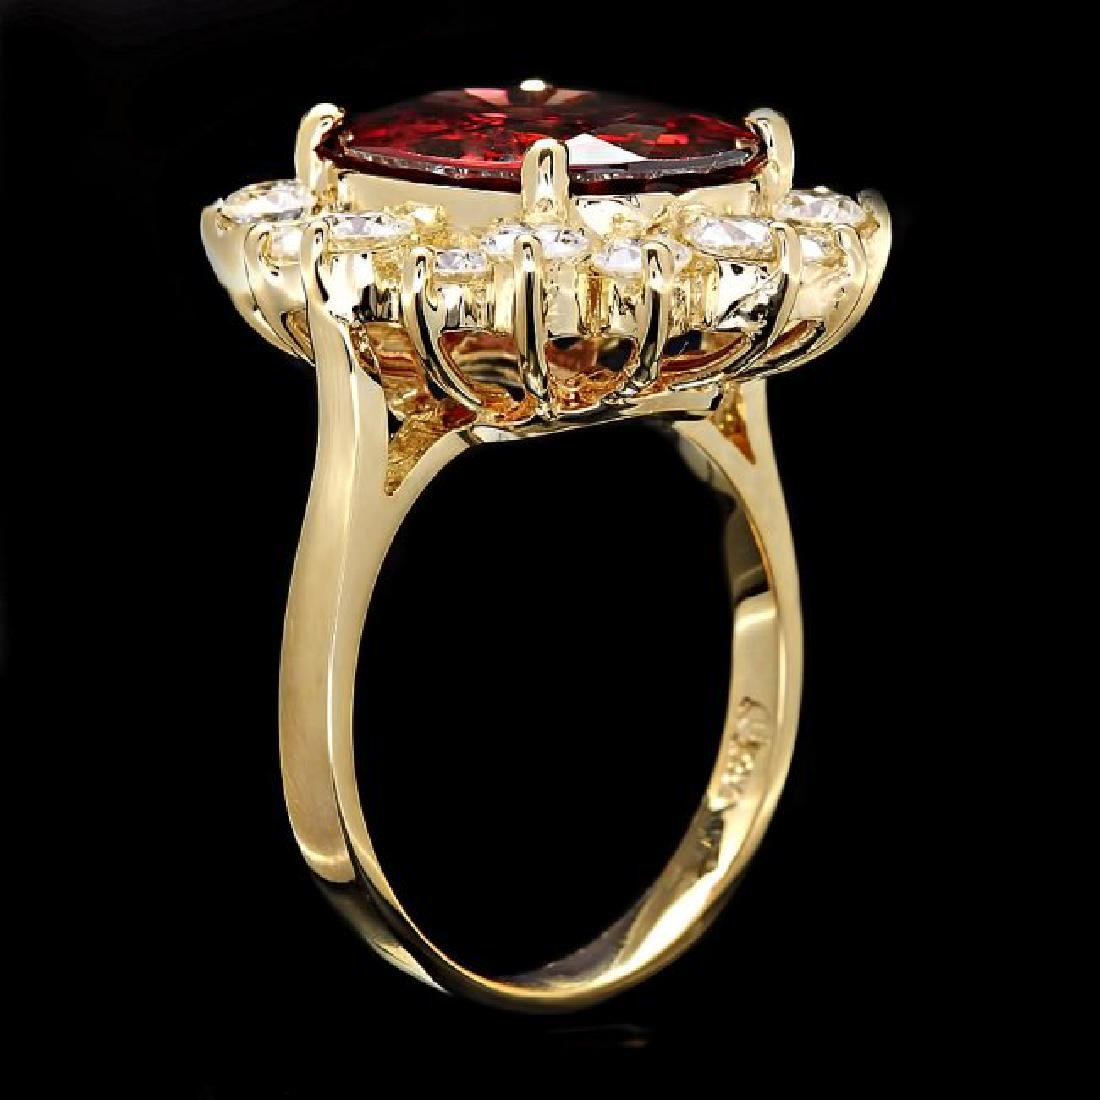 14k Yellow Gold 7.00ct Zircon 1.60ct Diamond Ring - 3